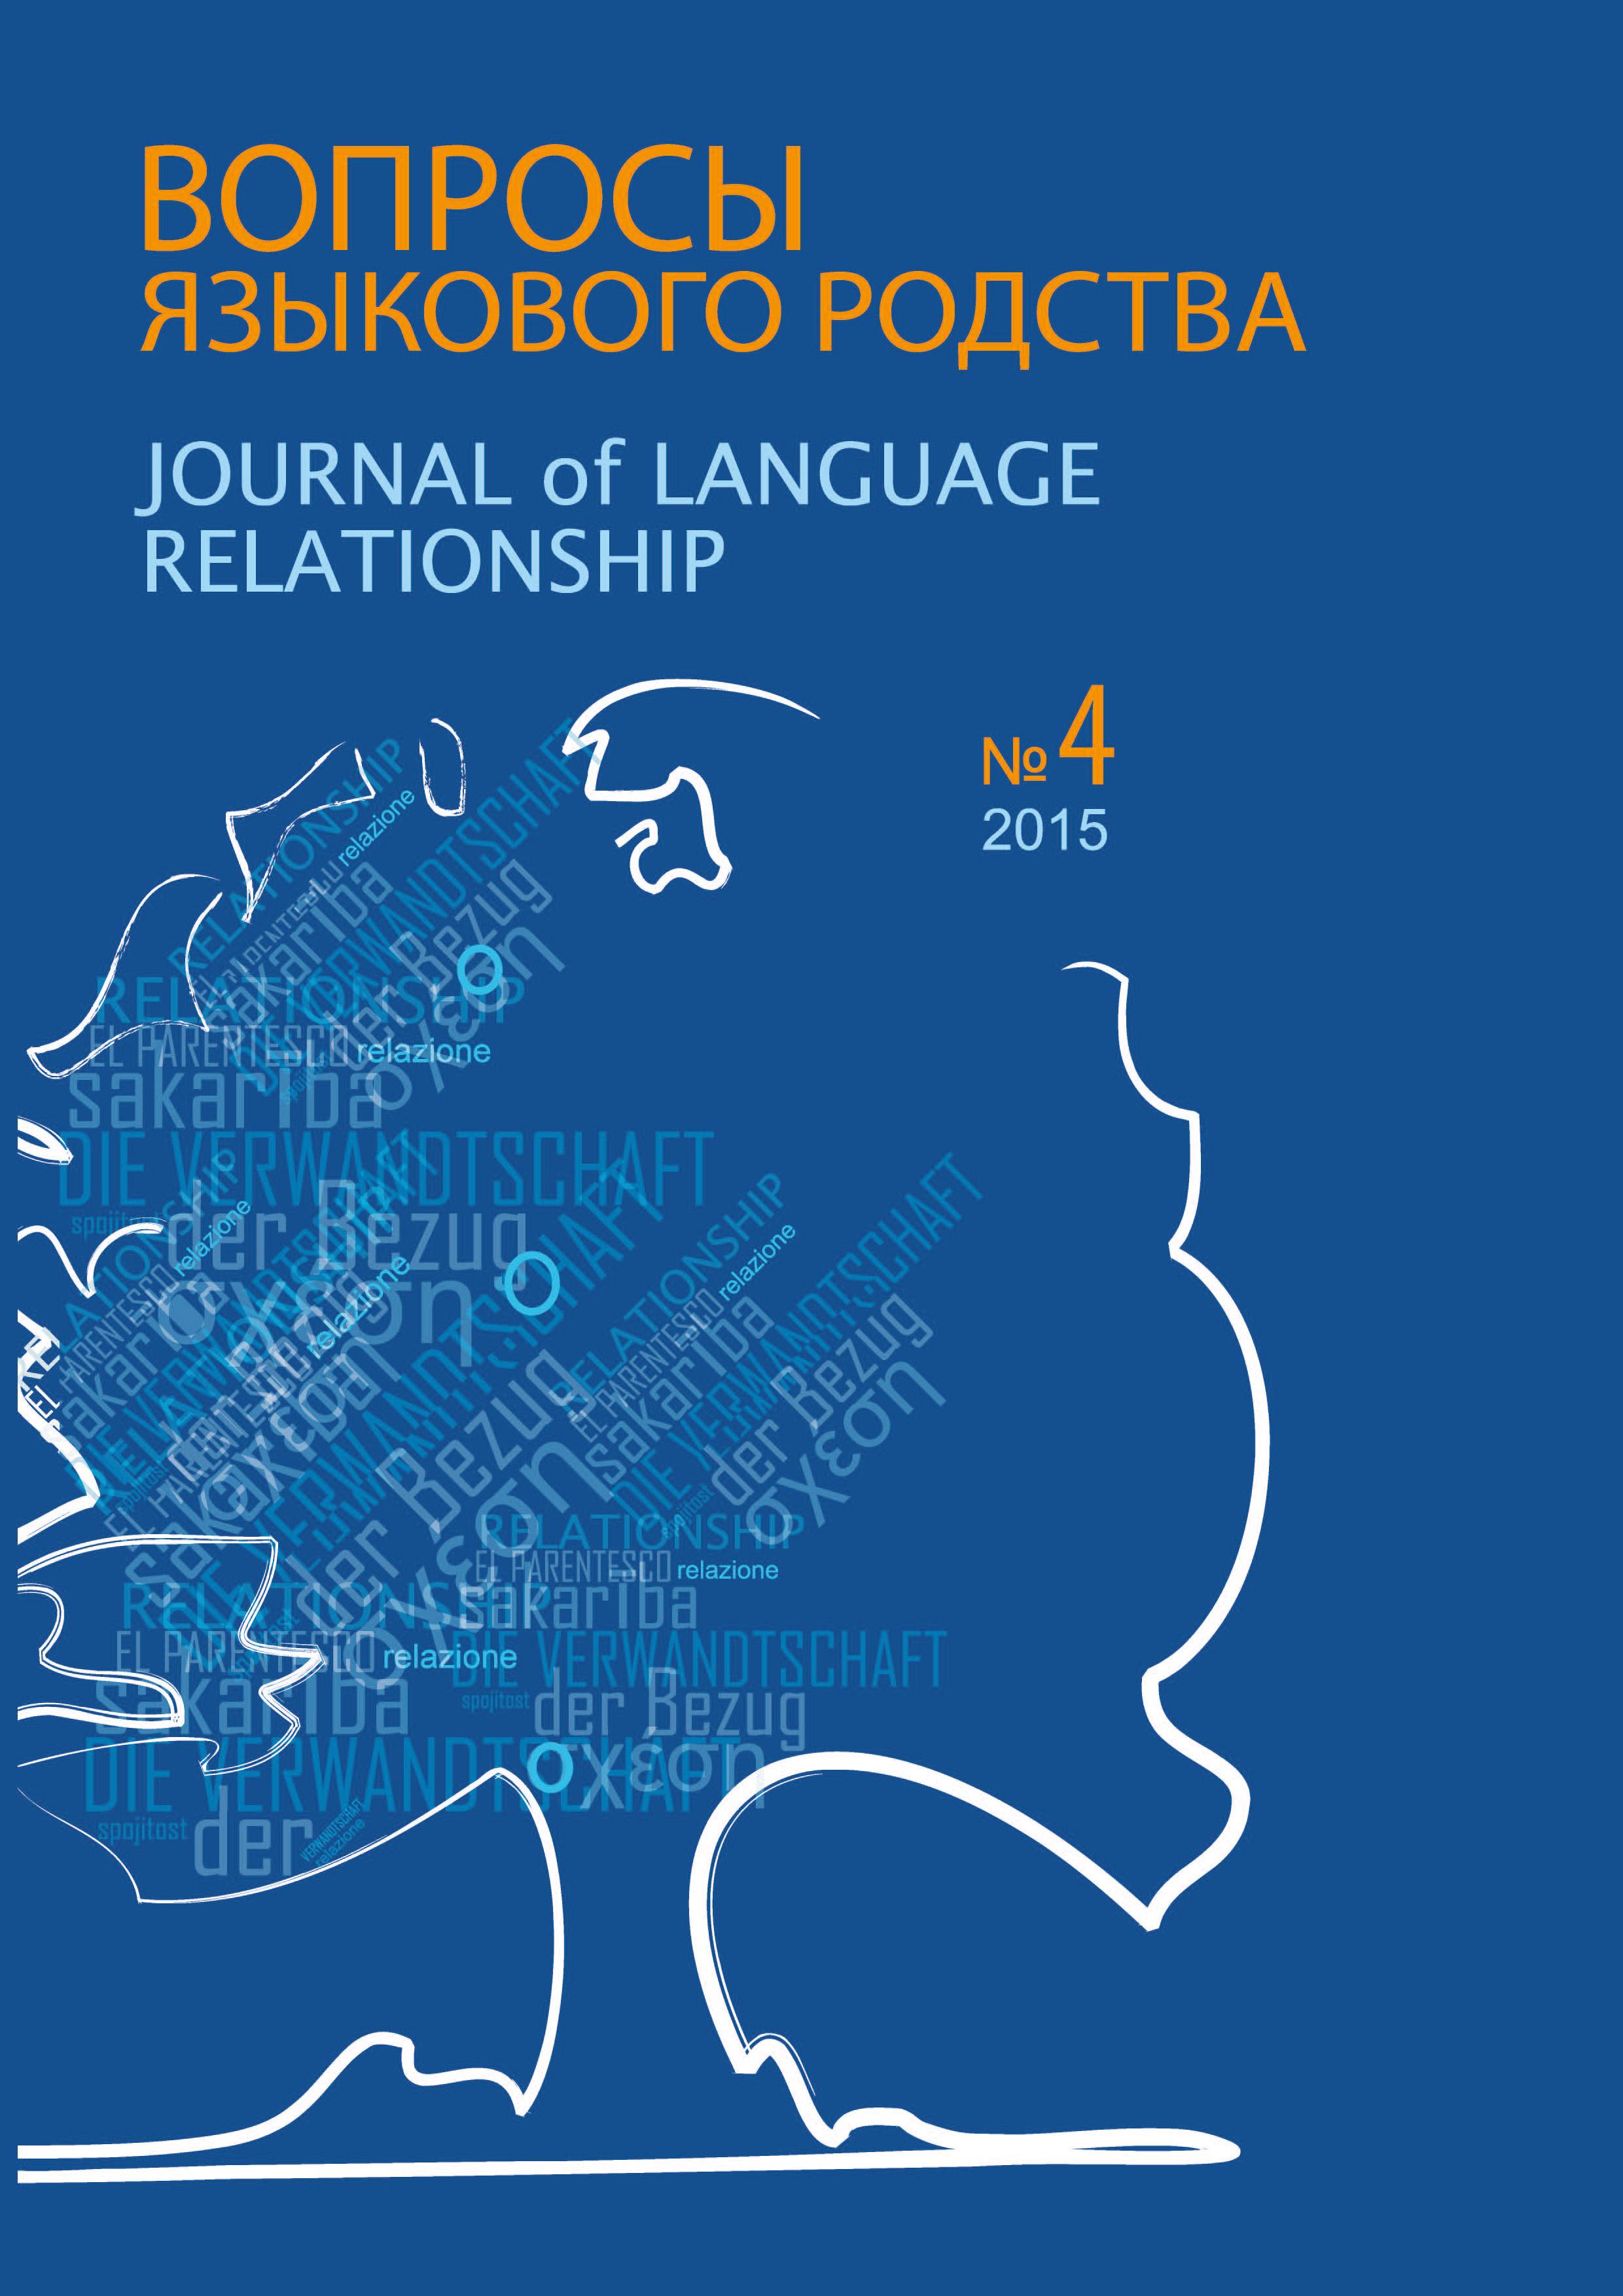 Сборник статей Вопросы языкового родства. Международный научный журнал №13/4 (2015) аврора литературный журнал 4 2015 г